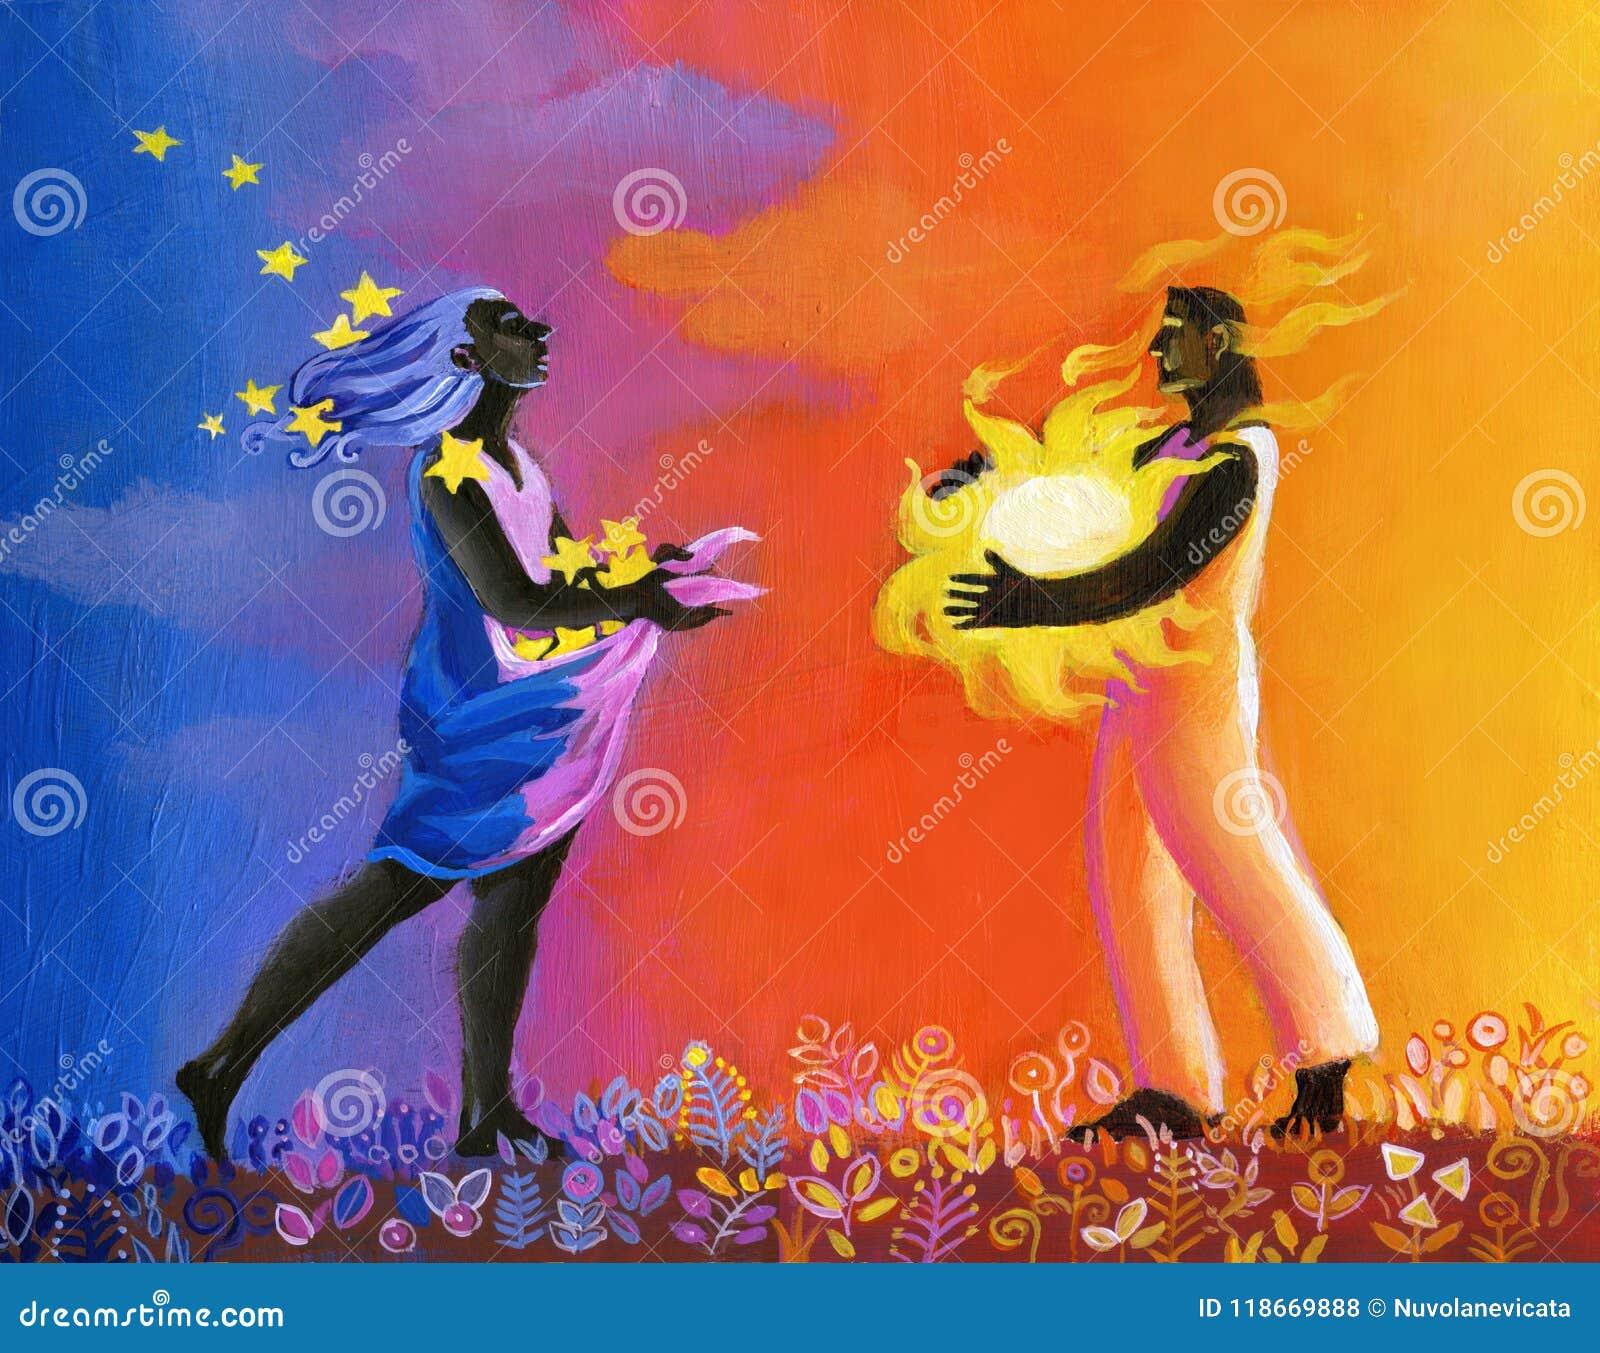 Ancestral love surreal dreamin illustration